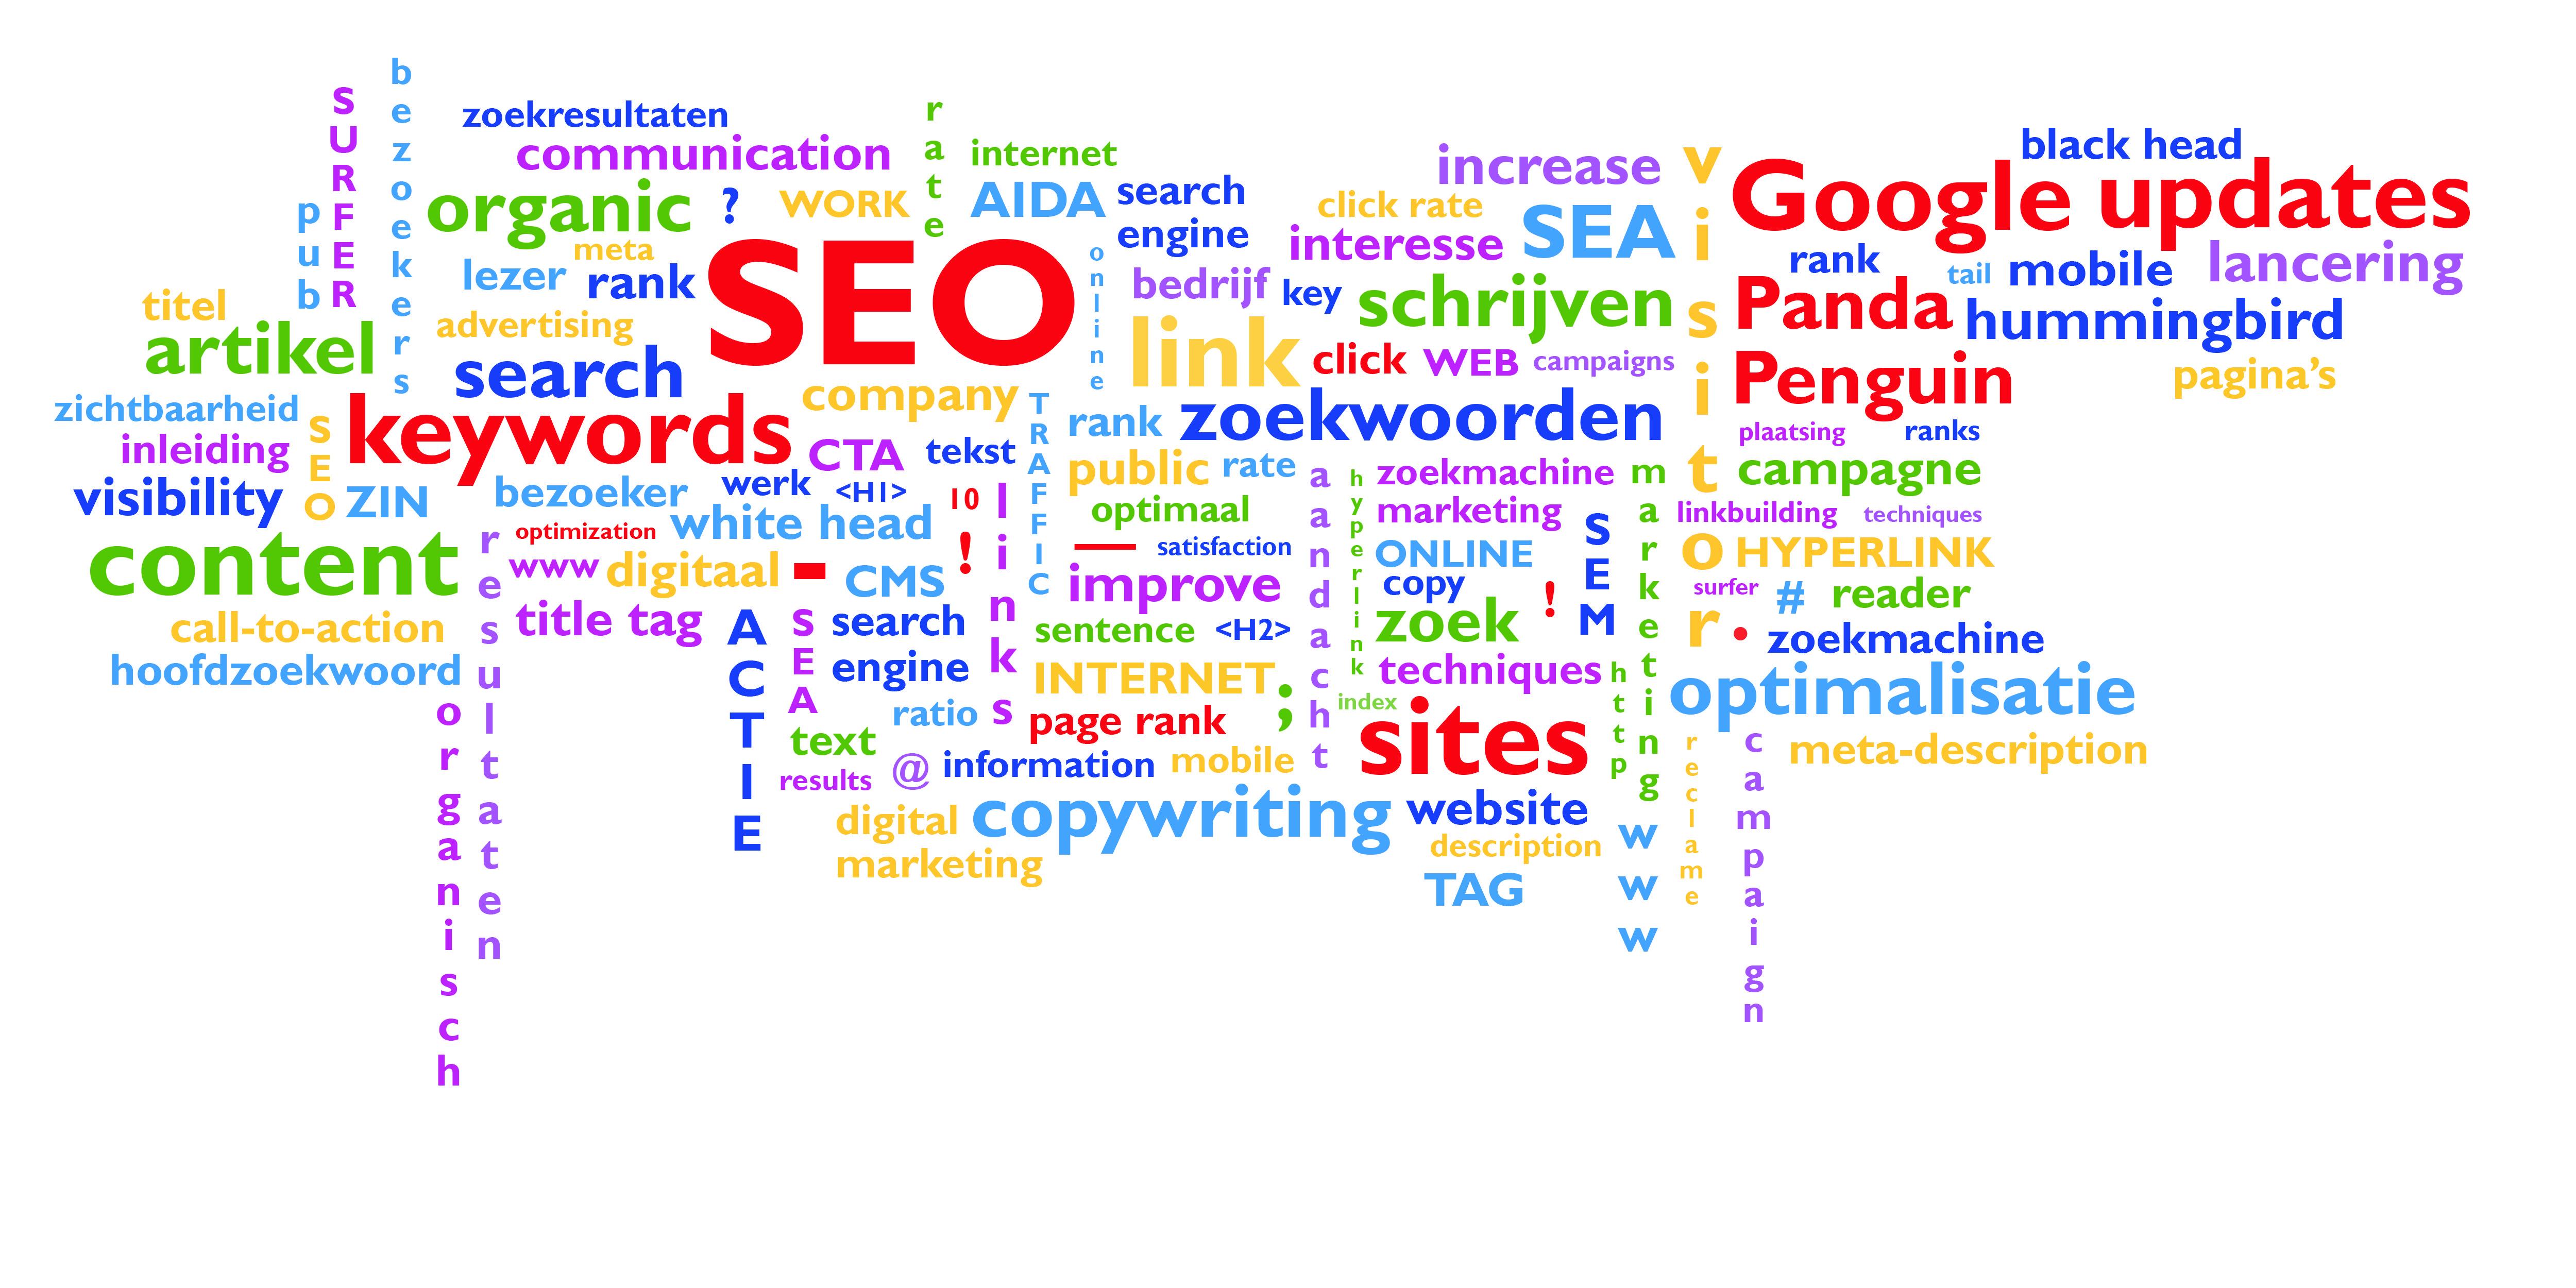 Ken jij de verschillende filters en updates voor de Google ranking? Wat betekenen ze voor je SEO? Lees er over op http://www.ifolks.be/nl/blog/invloed_Google_ranking_filters_updates_op_SEO/32/